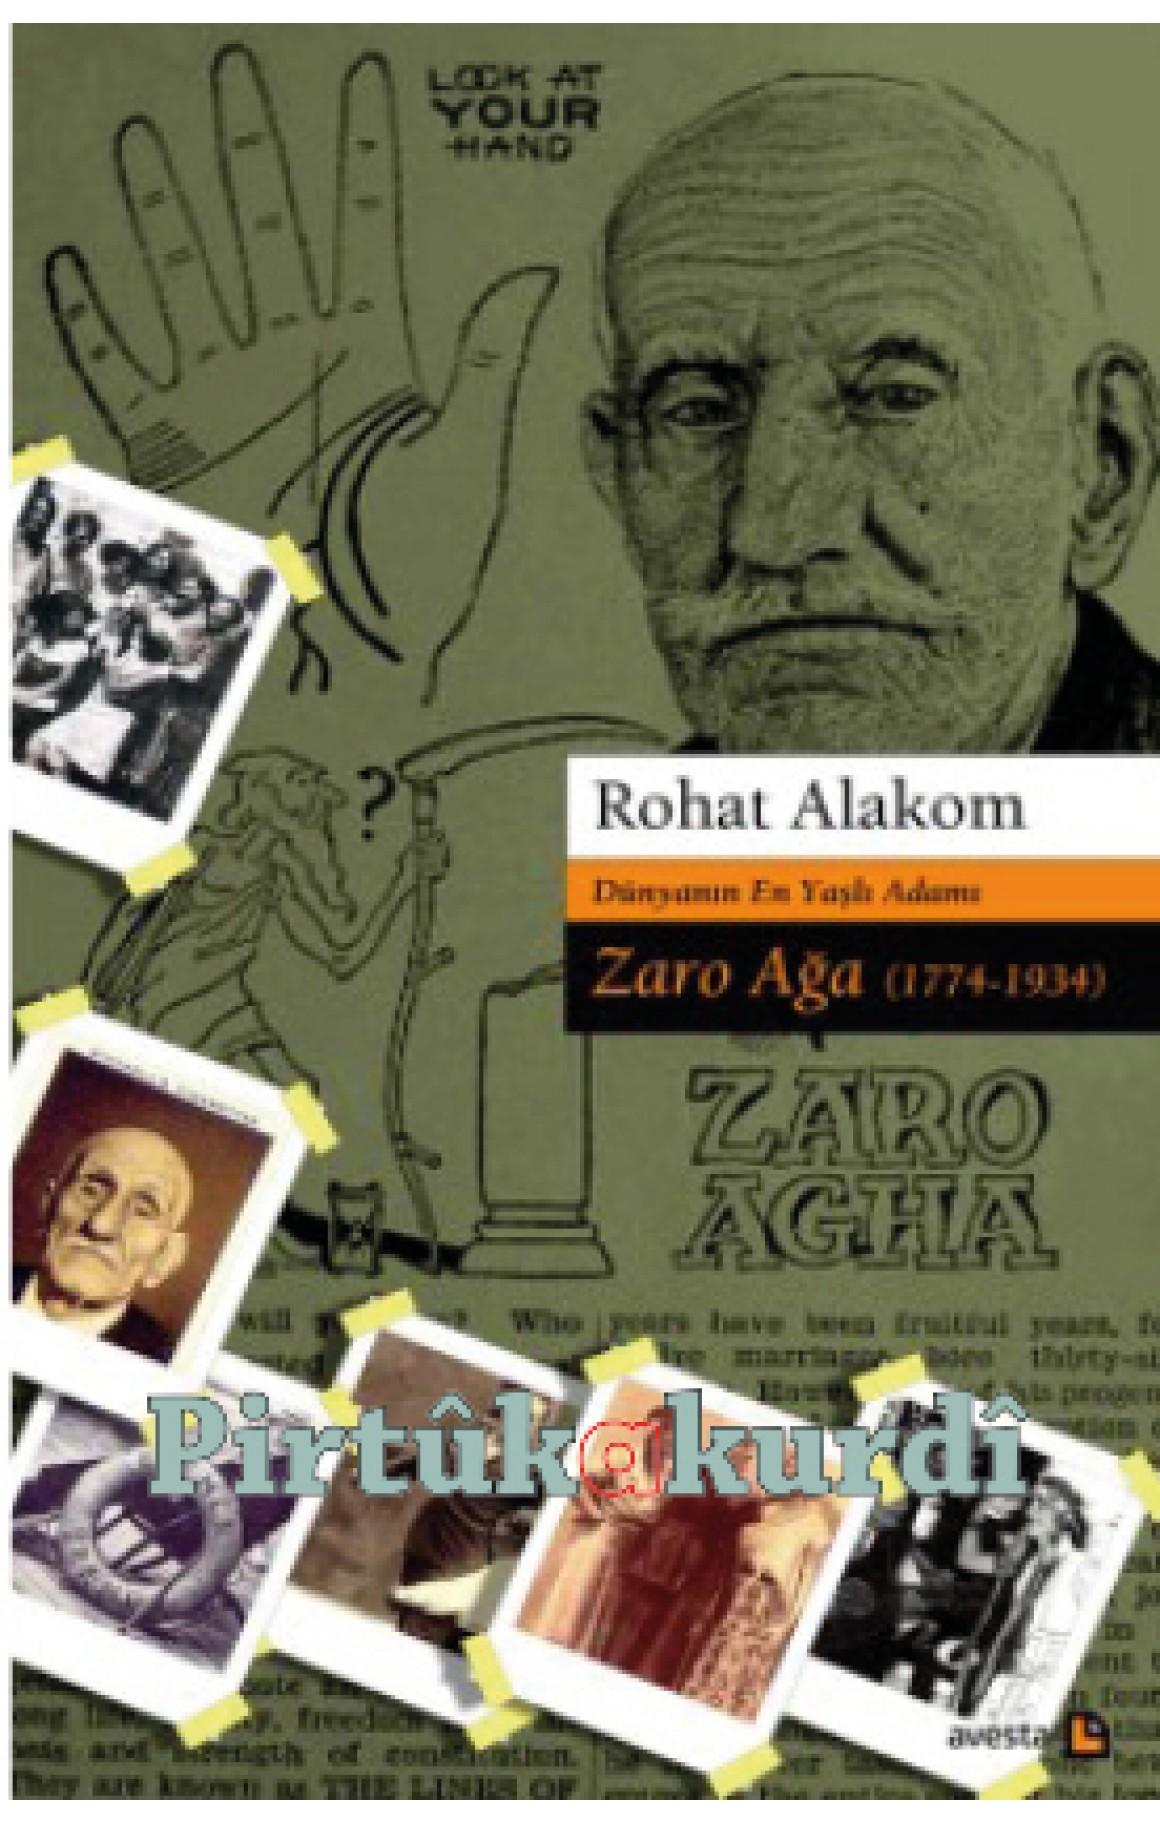 Dünyanın En Yaşlı Adamı: Kürt Zaro Ağa (1774-1934)